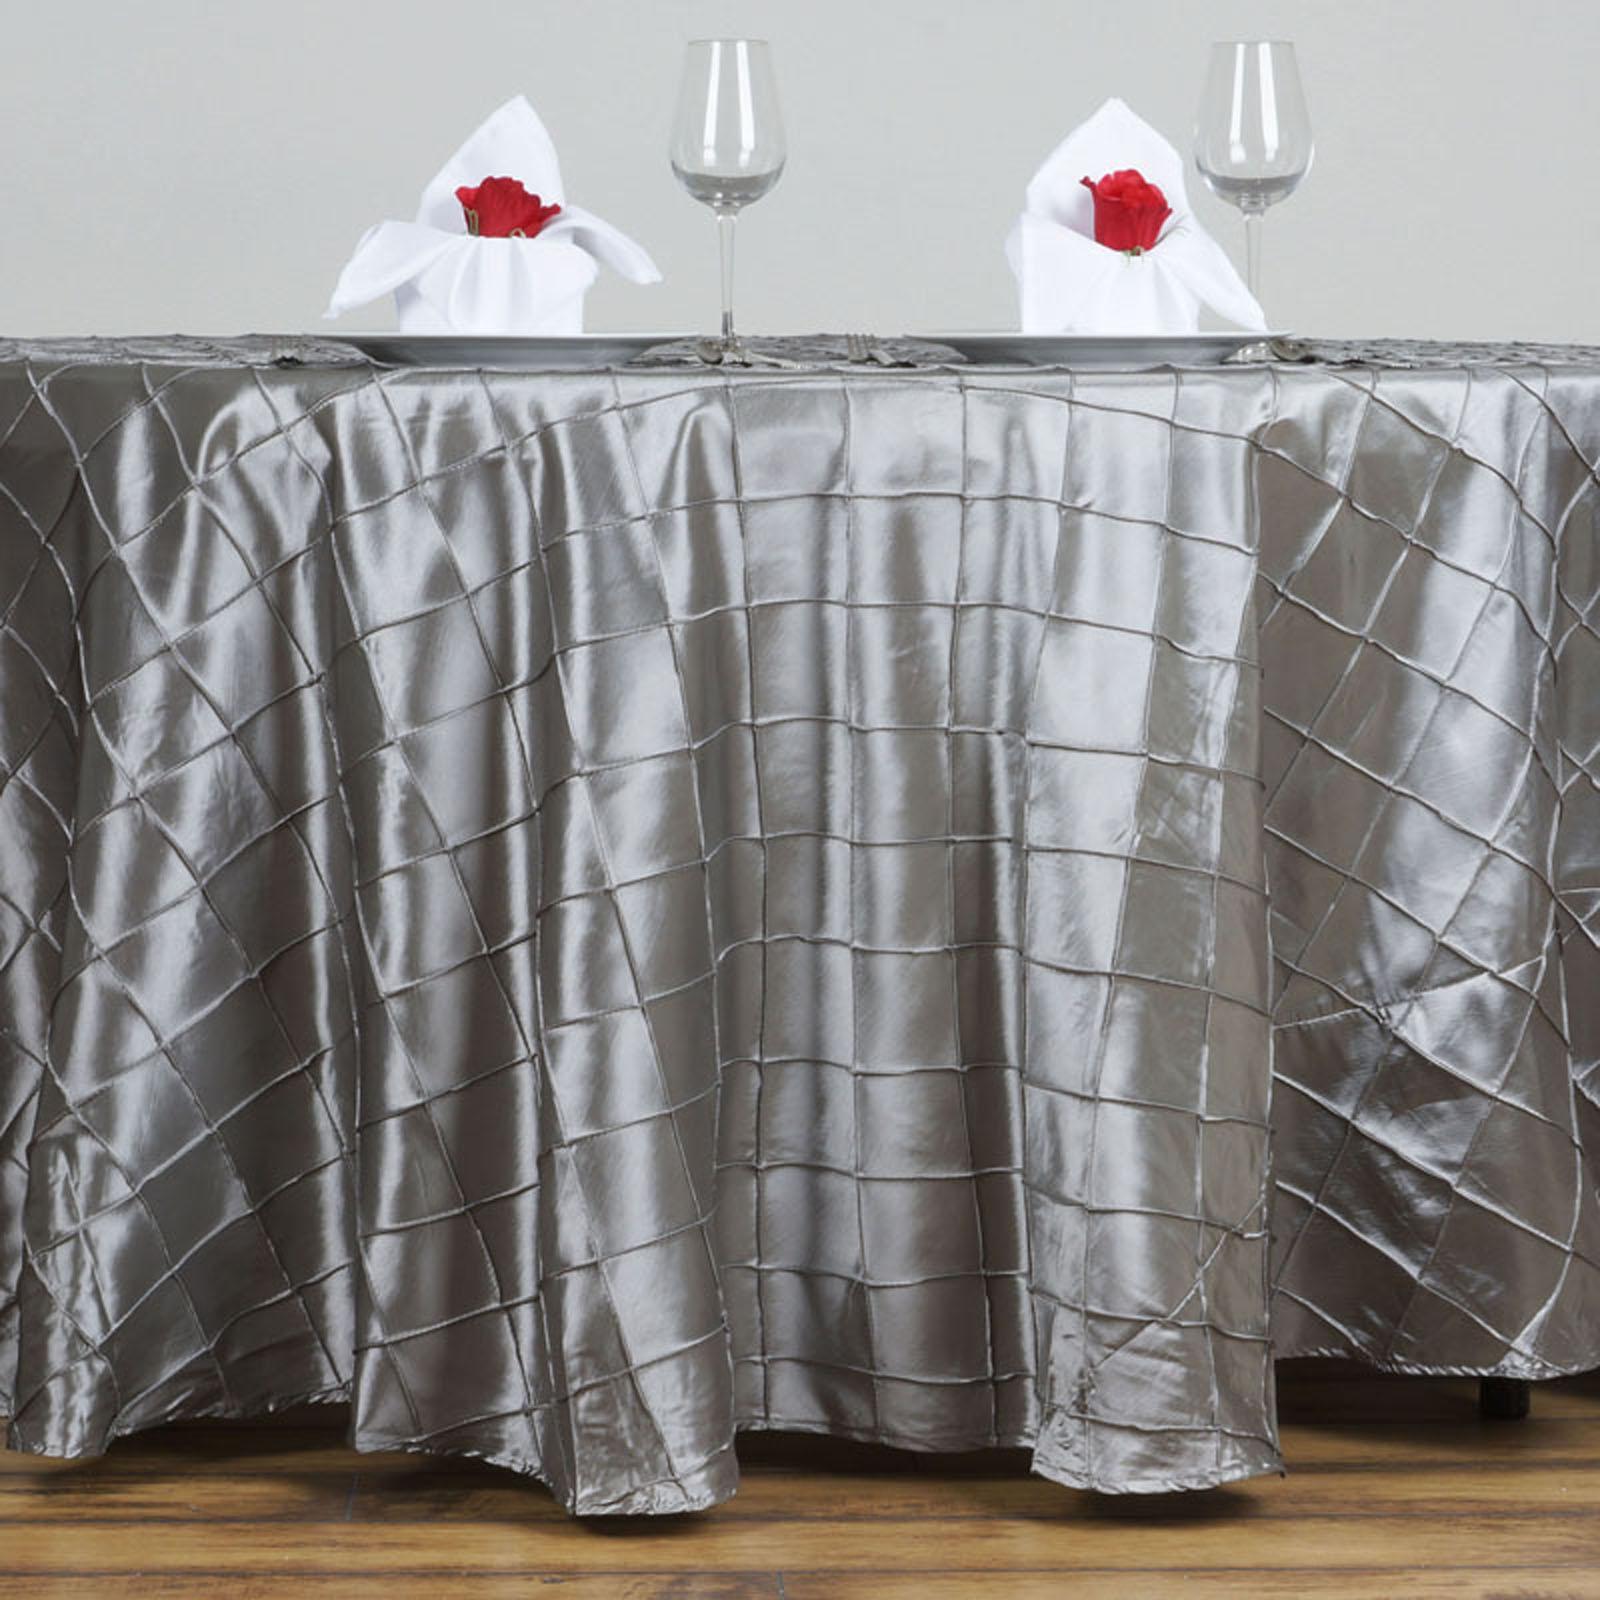 Good 120 034 Pintuck Fancy Round Tablecloths Linens Wedding